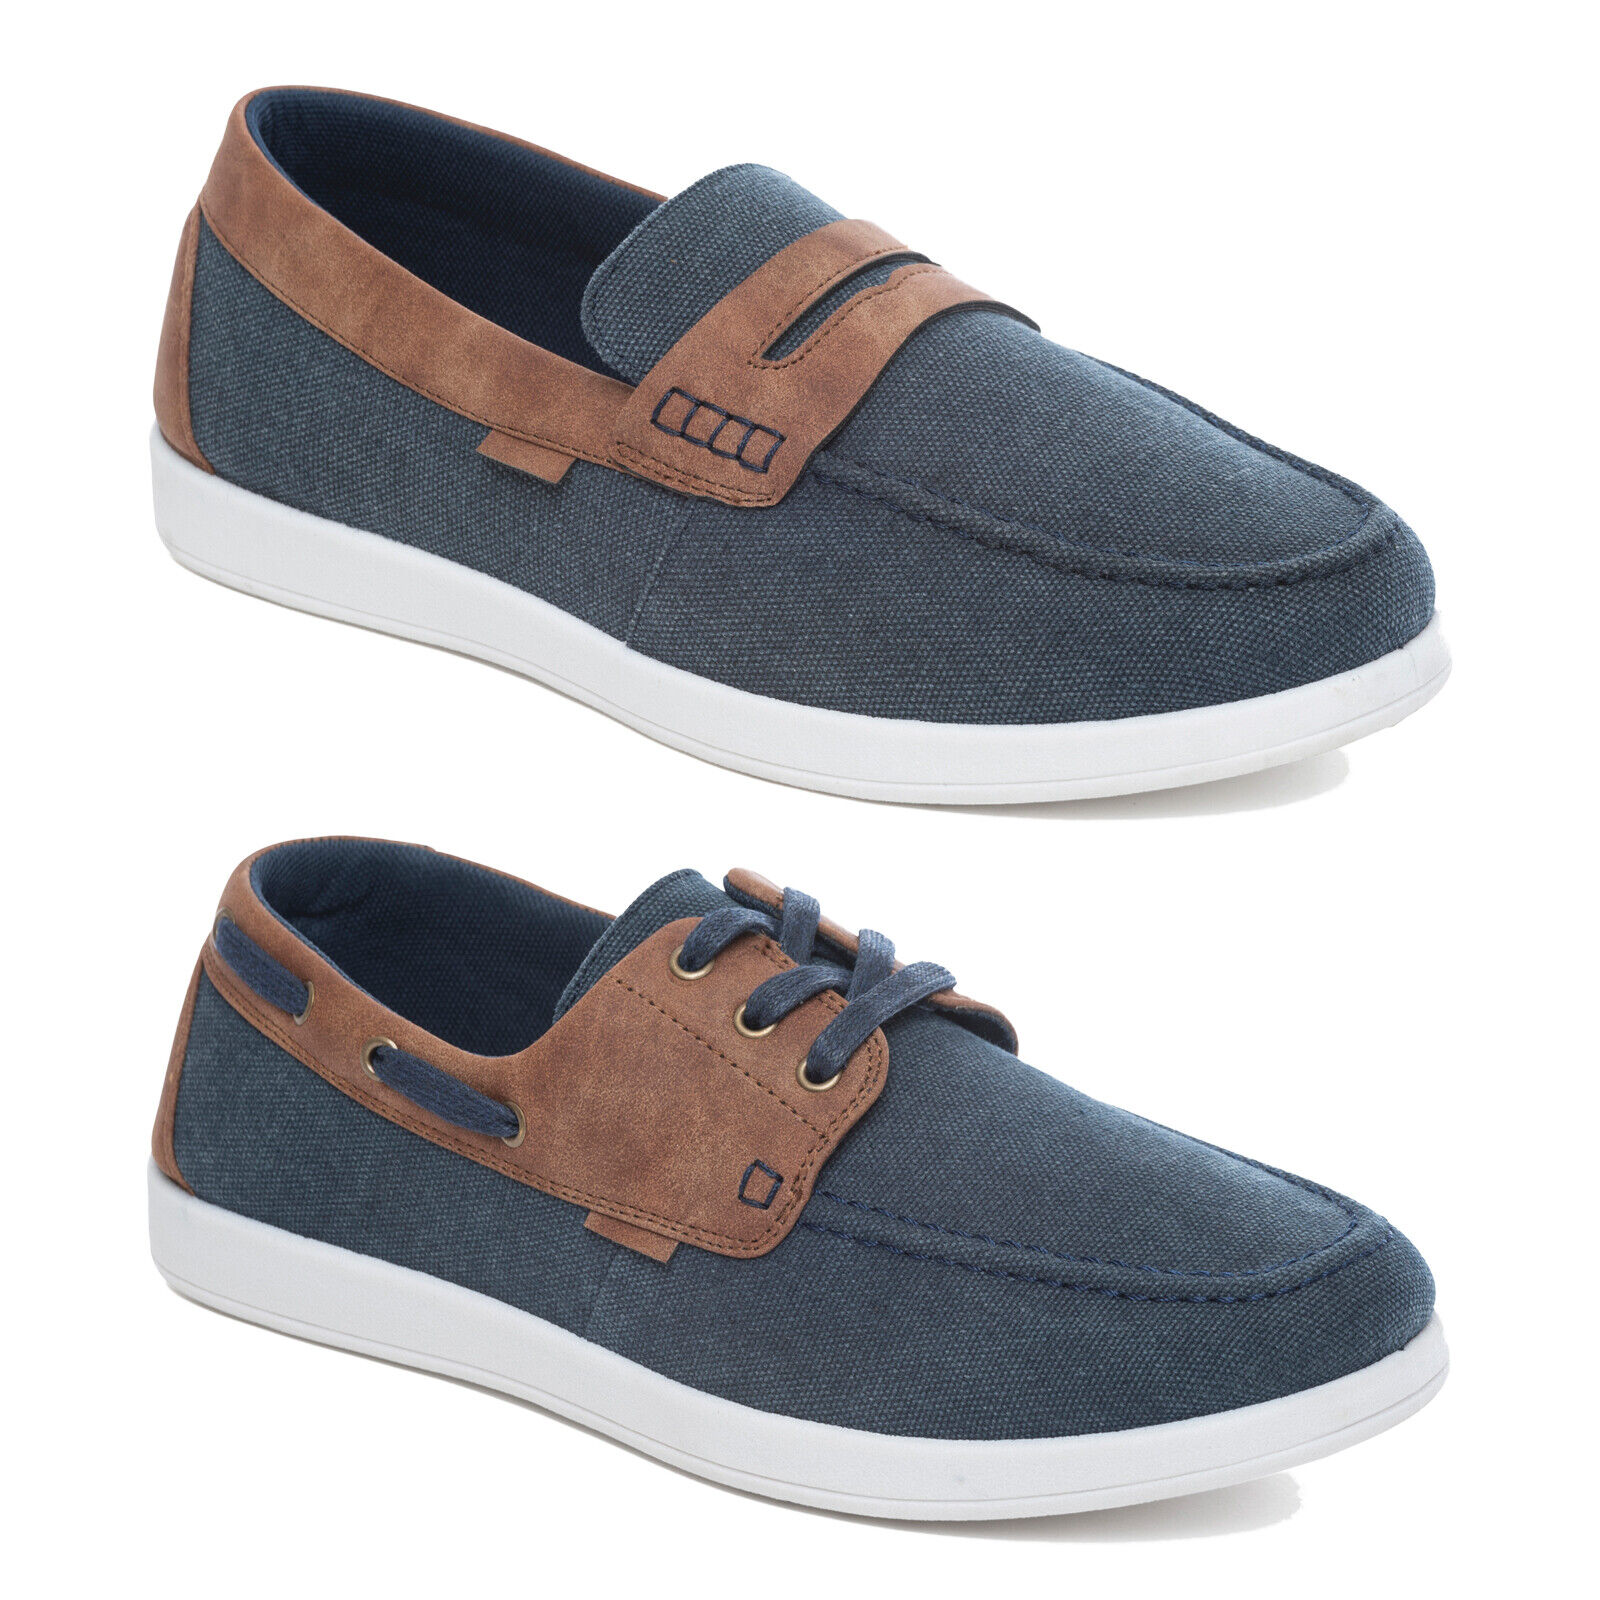 Dr Keller Mens Blue Faux Leather Lace up Casual Smart Comfort Shoe Pump Size 6 7